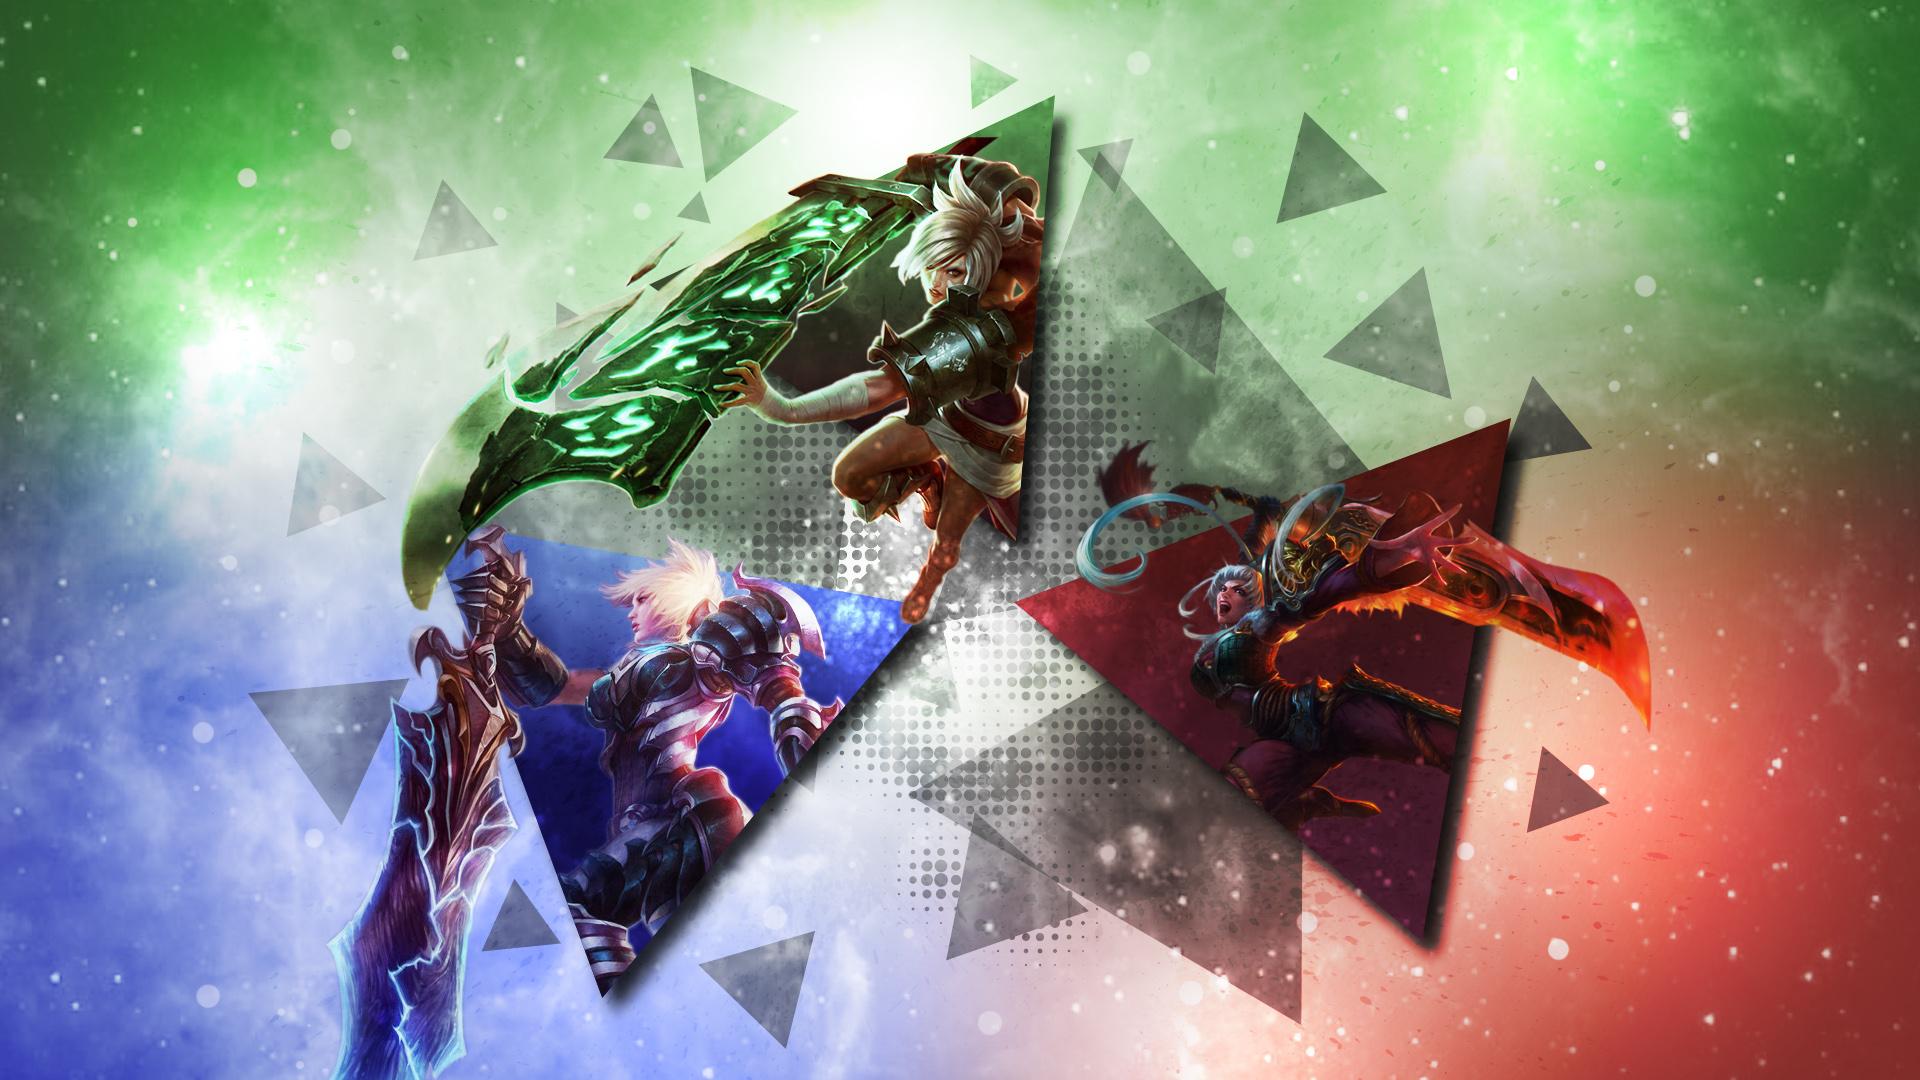 Riven Skins By Heonix Hd Wallpaper Fan Art Artwork - Lol Wallpaper Riven Fanart , HD Wallpaper & Backgrounds